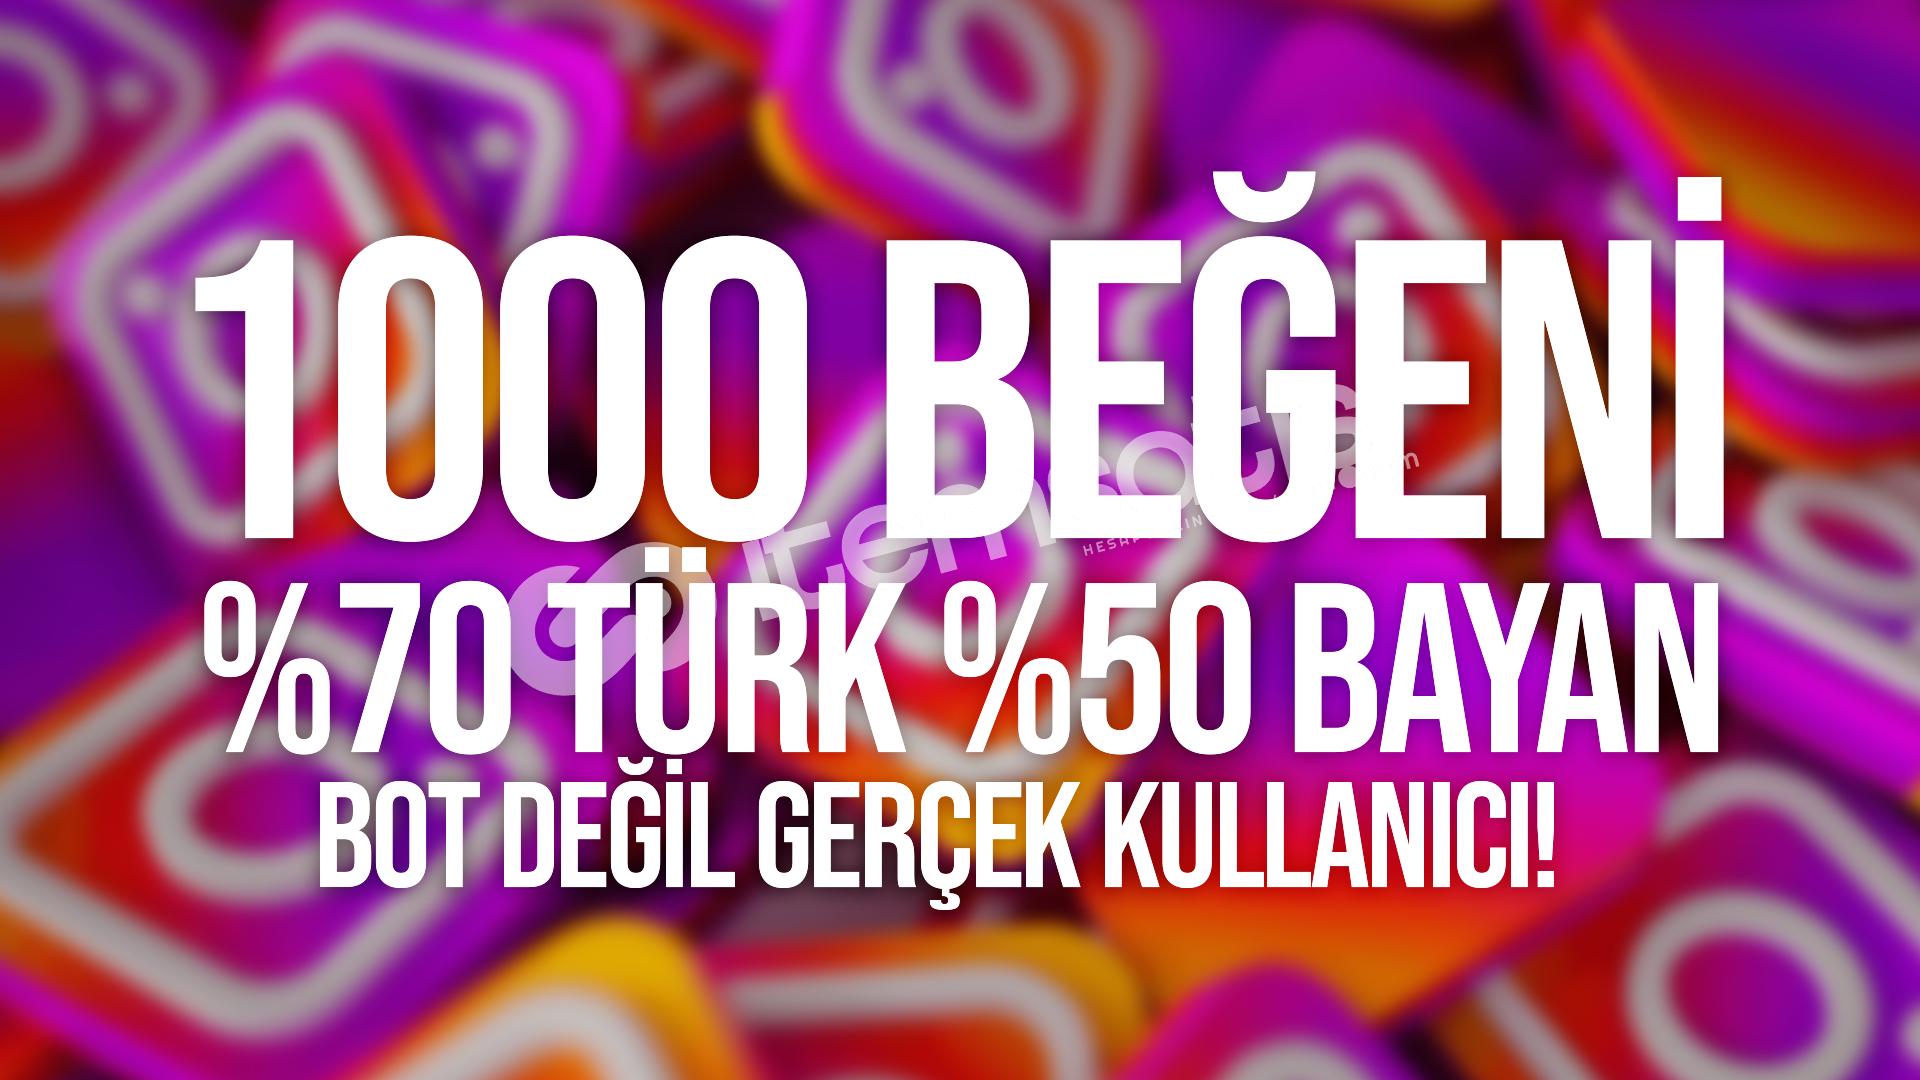 %70 Türk %50 Bayan 1000 Beğeni (BOT DEĞİL)